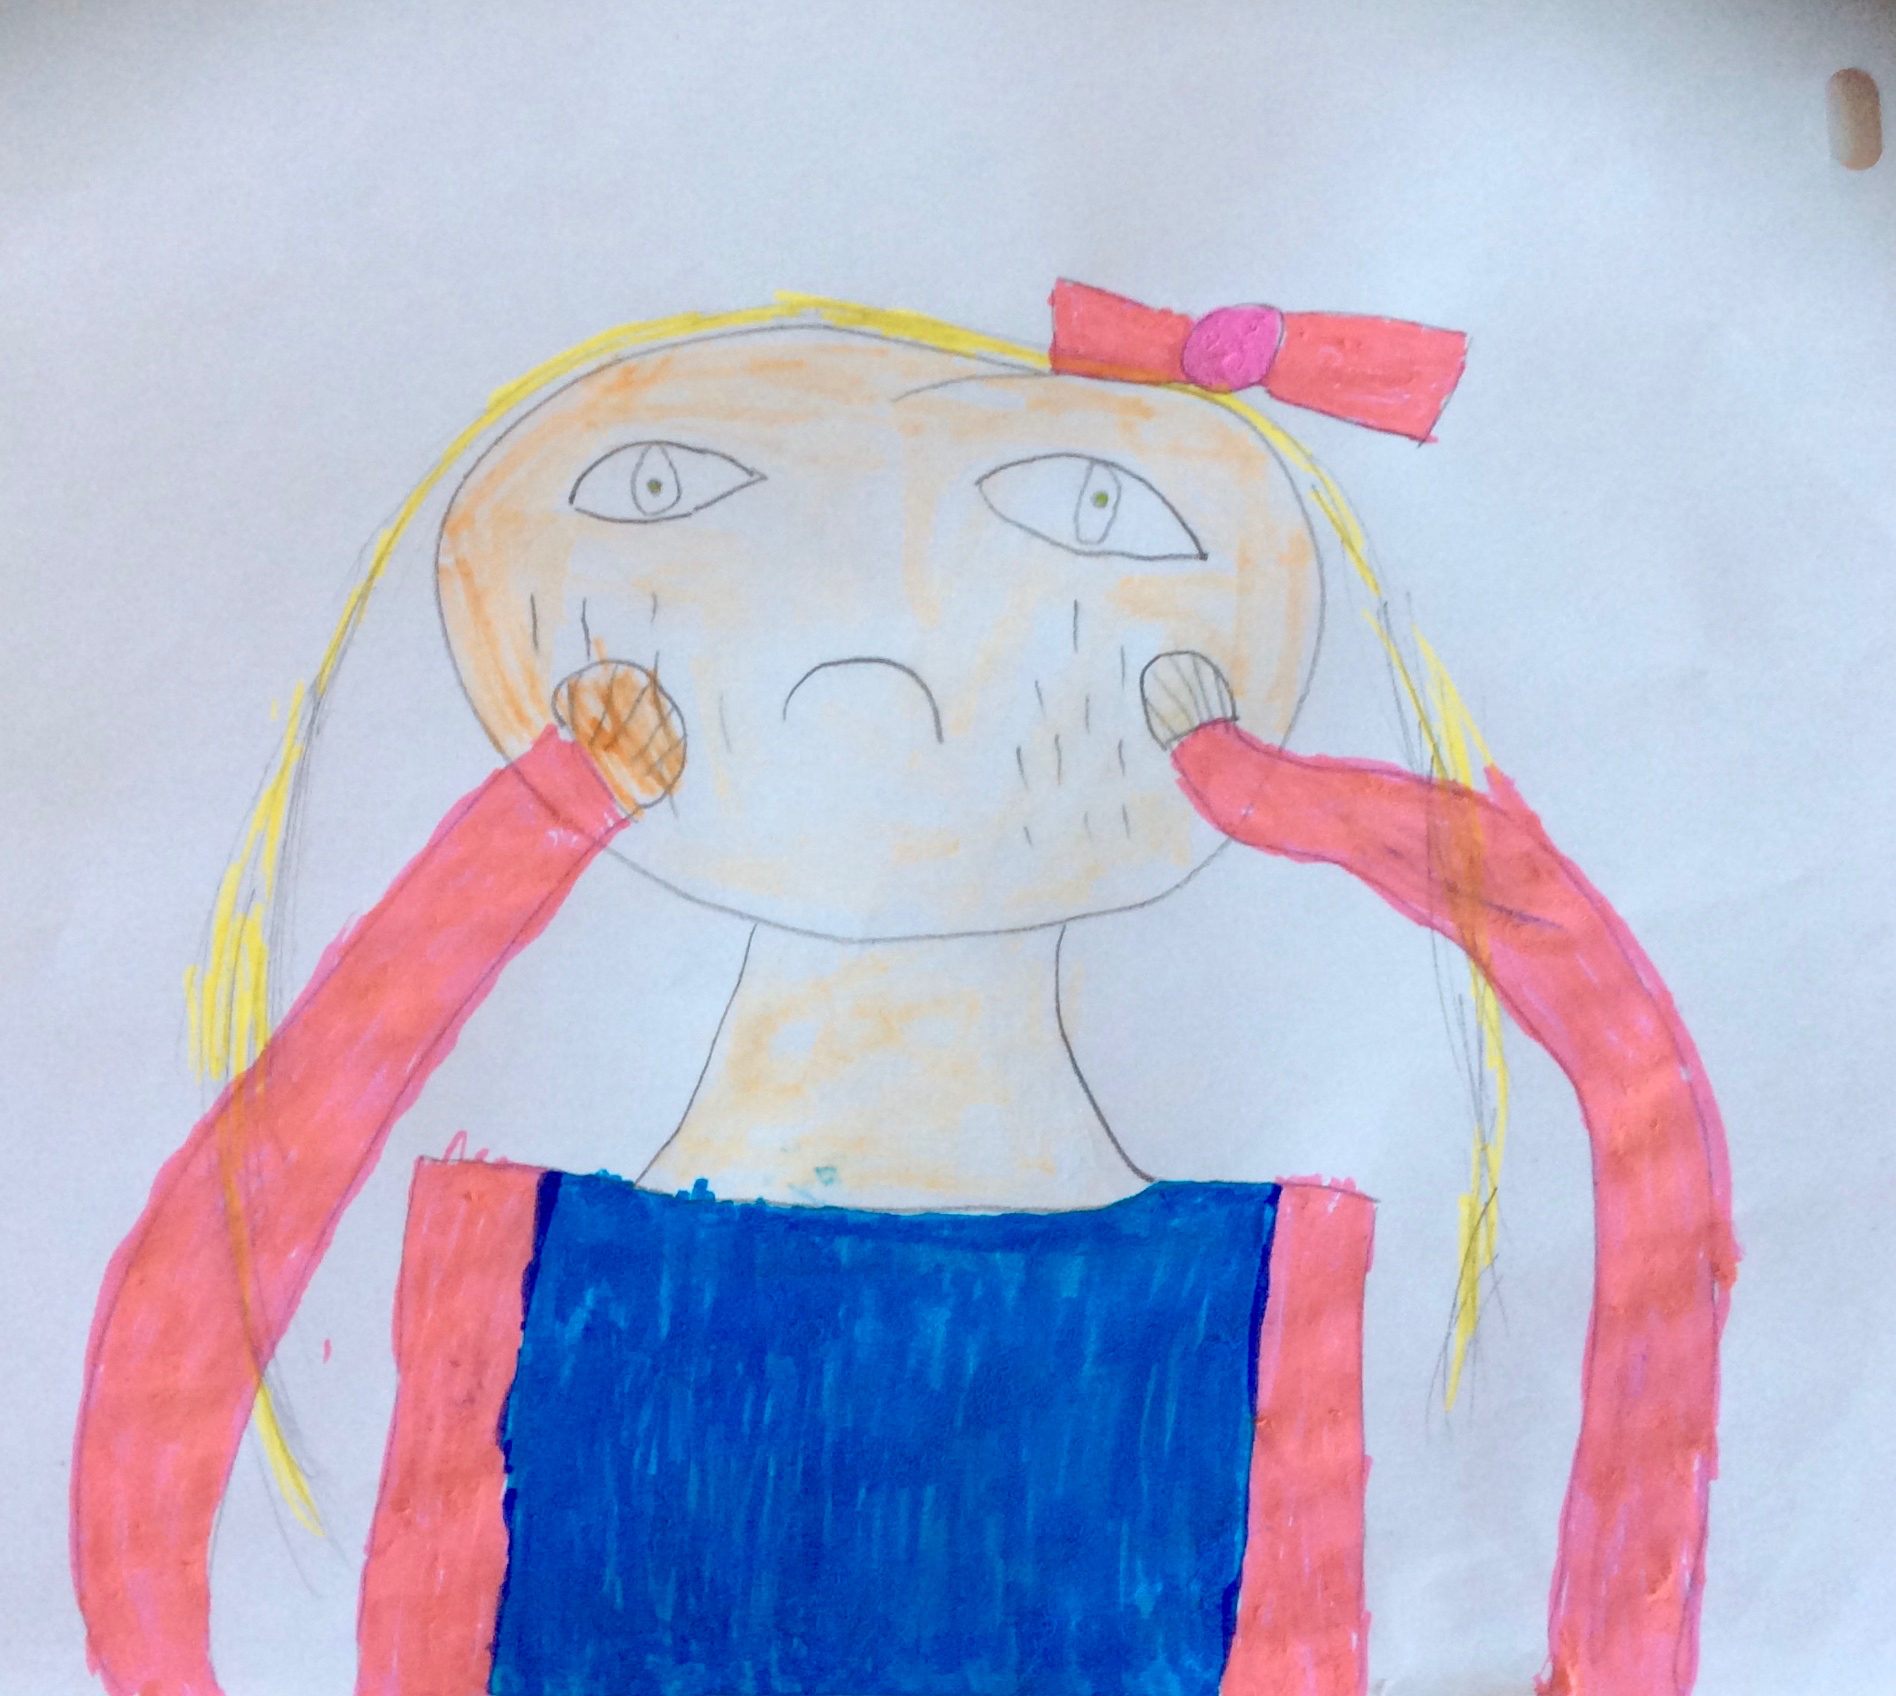 Age 7, UK